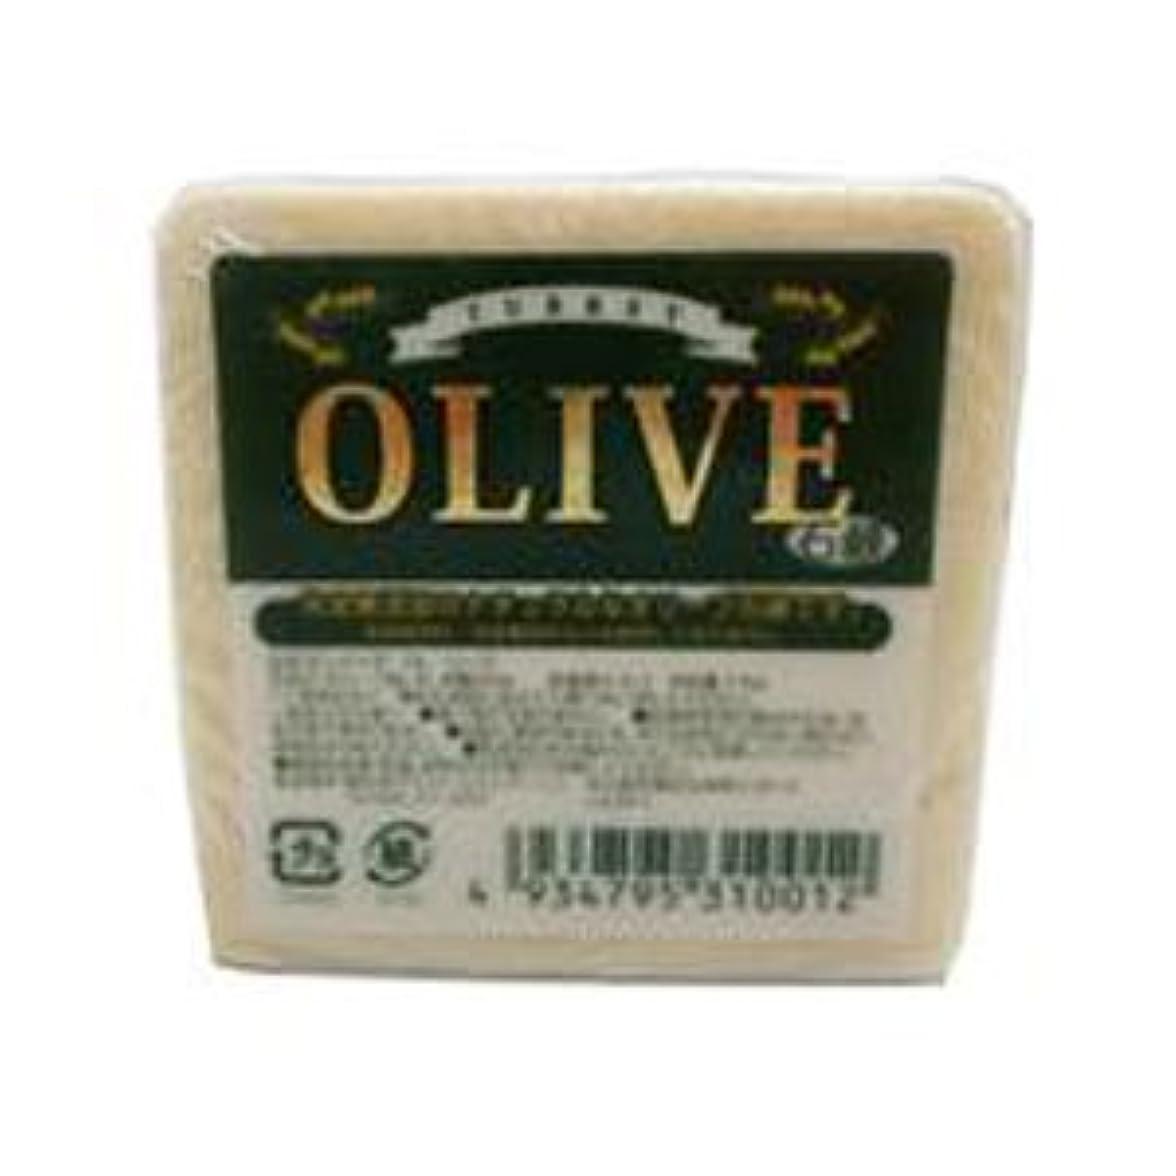 マティス解く脱走お得な5個セット トルコ産オリーブを使用した無添加石鹸 ターキーオリーブ石鹸 135g